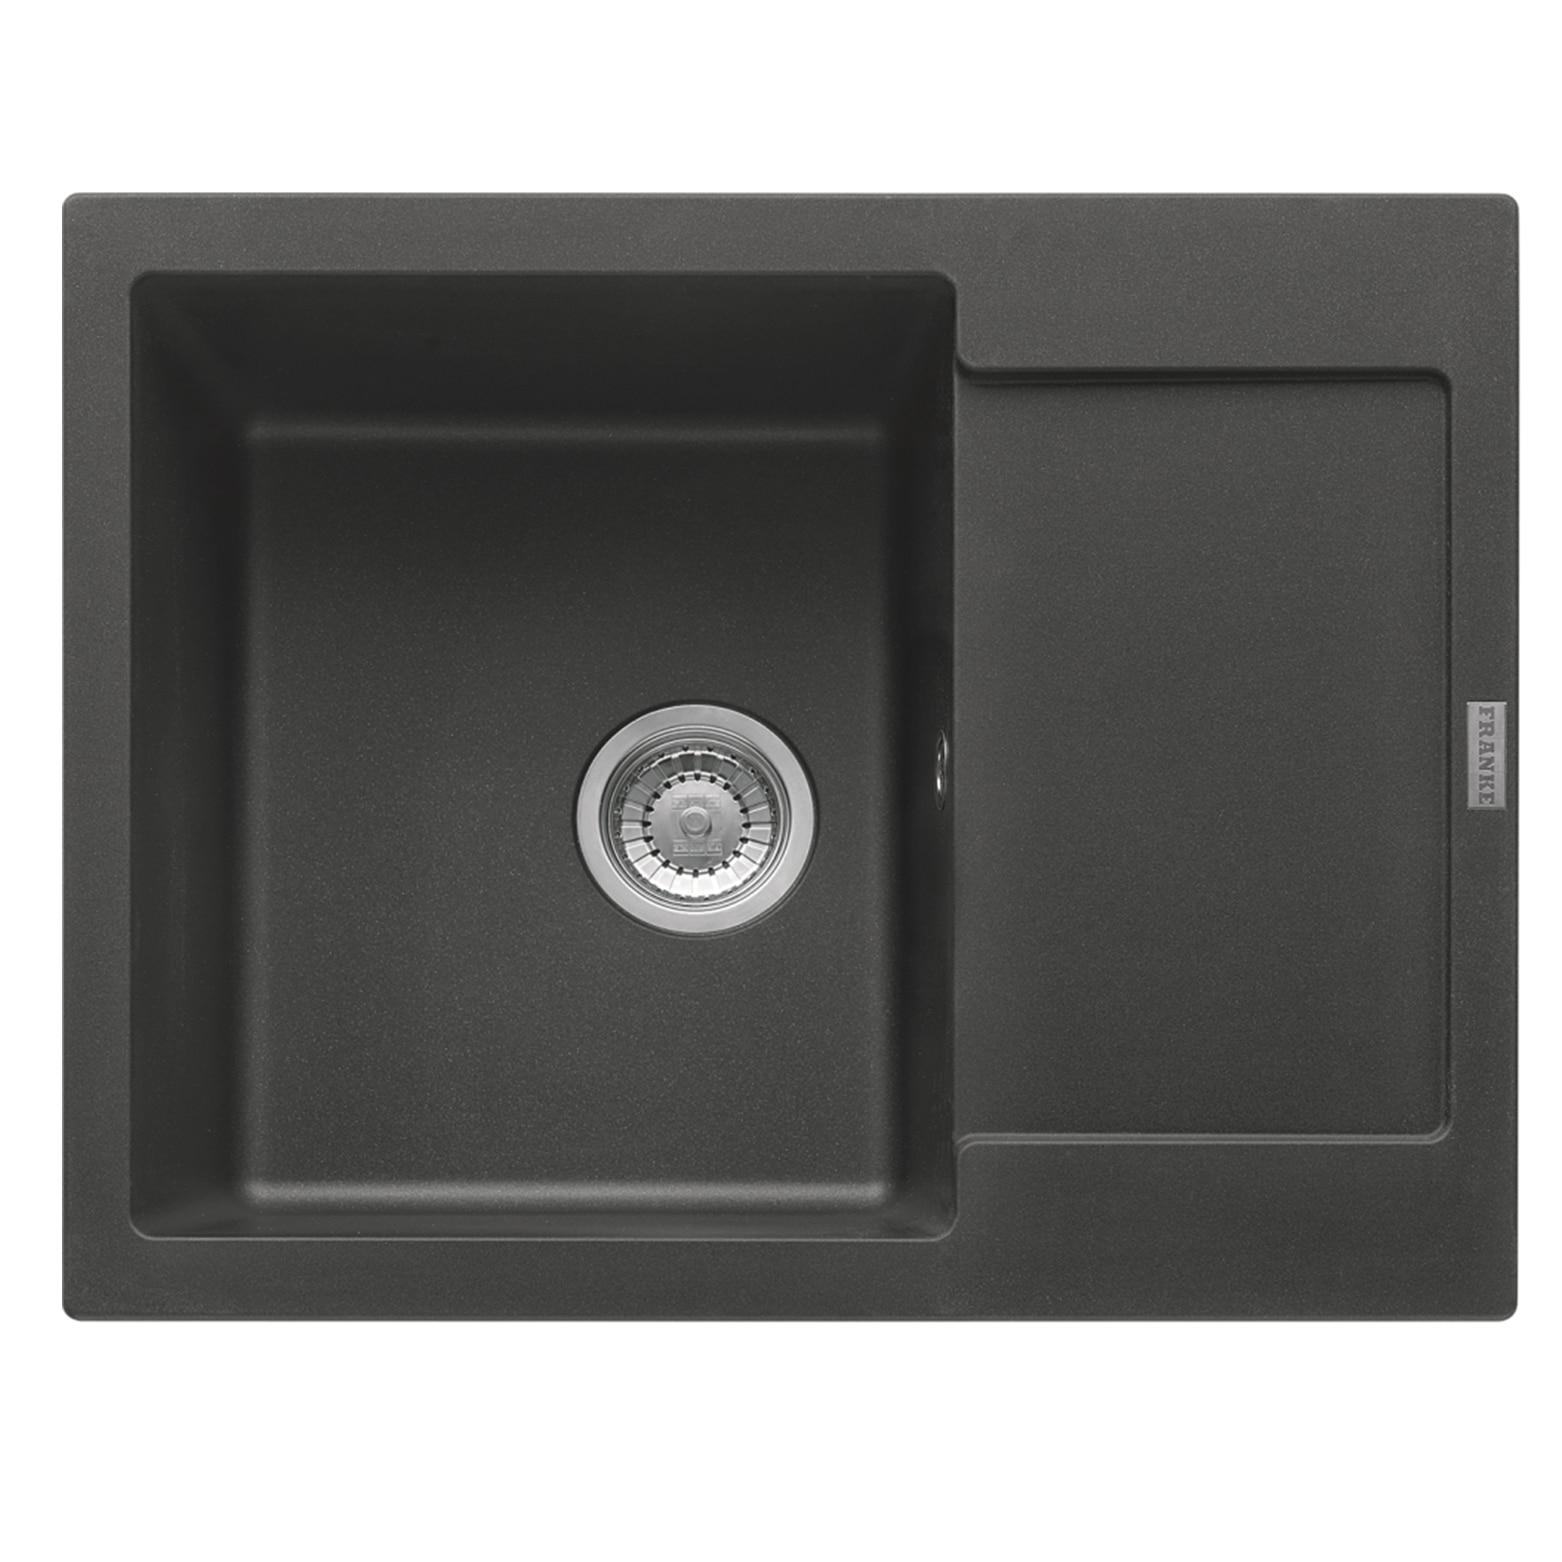 Fotografie Chiuveta fragranite Franke MRG 611-62, 620x500mm, reversibila, grafite